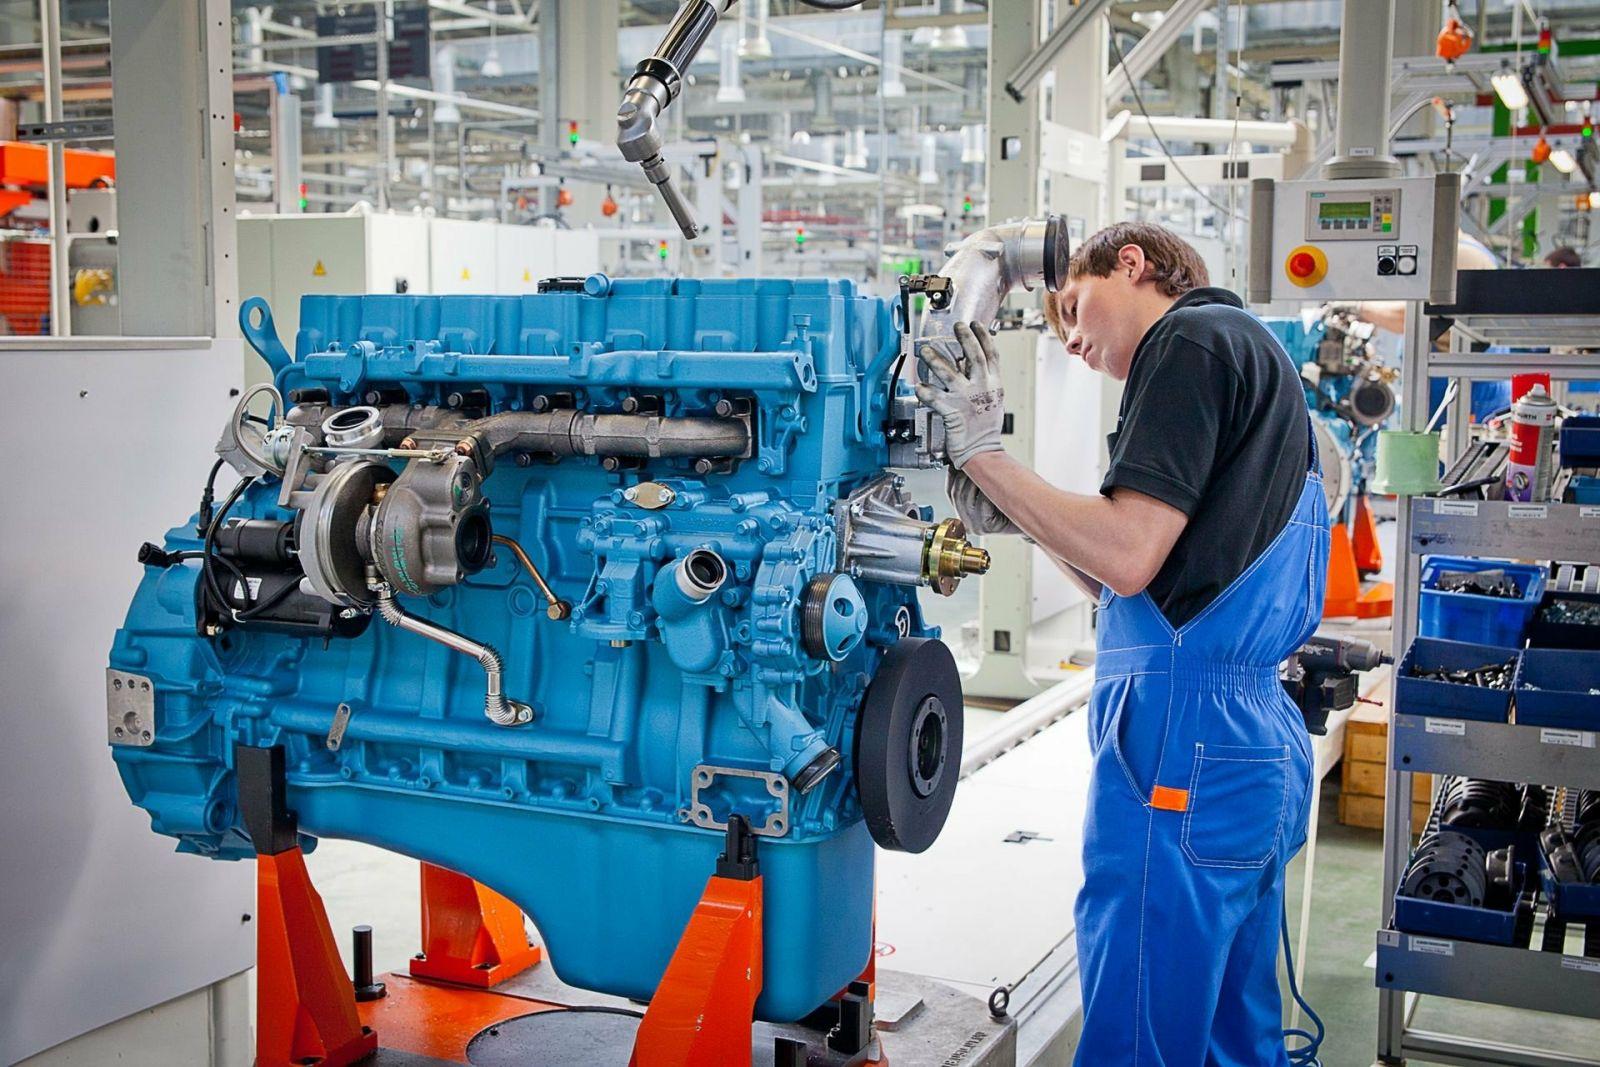 Жителей Алтайского края приглашают лечение двигателей фирменный центр Ярославского моторного завода